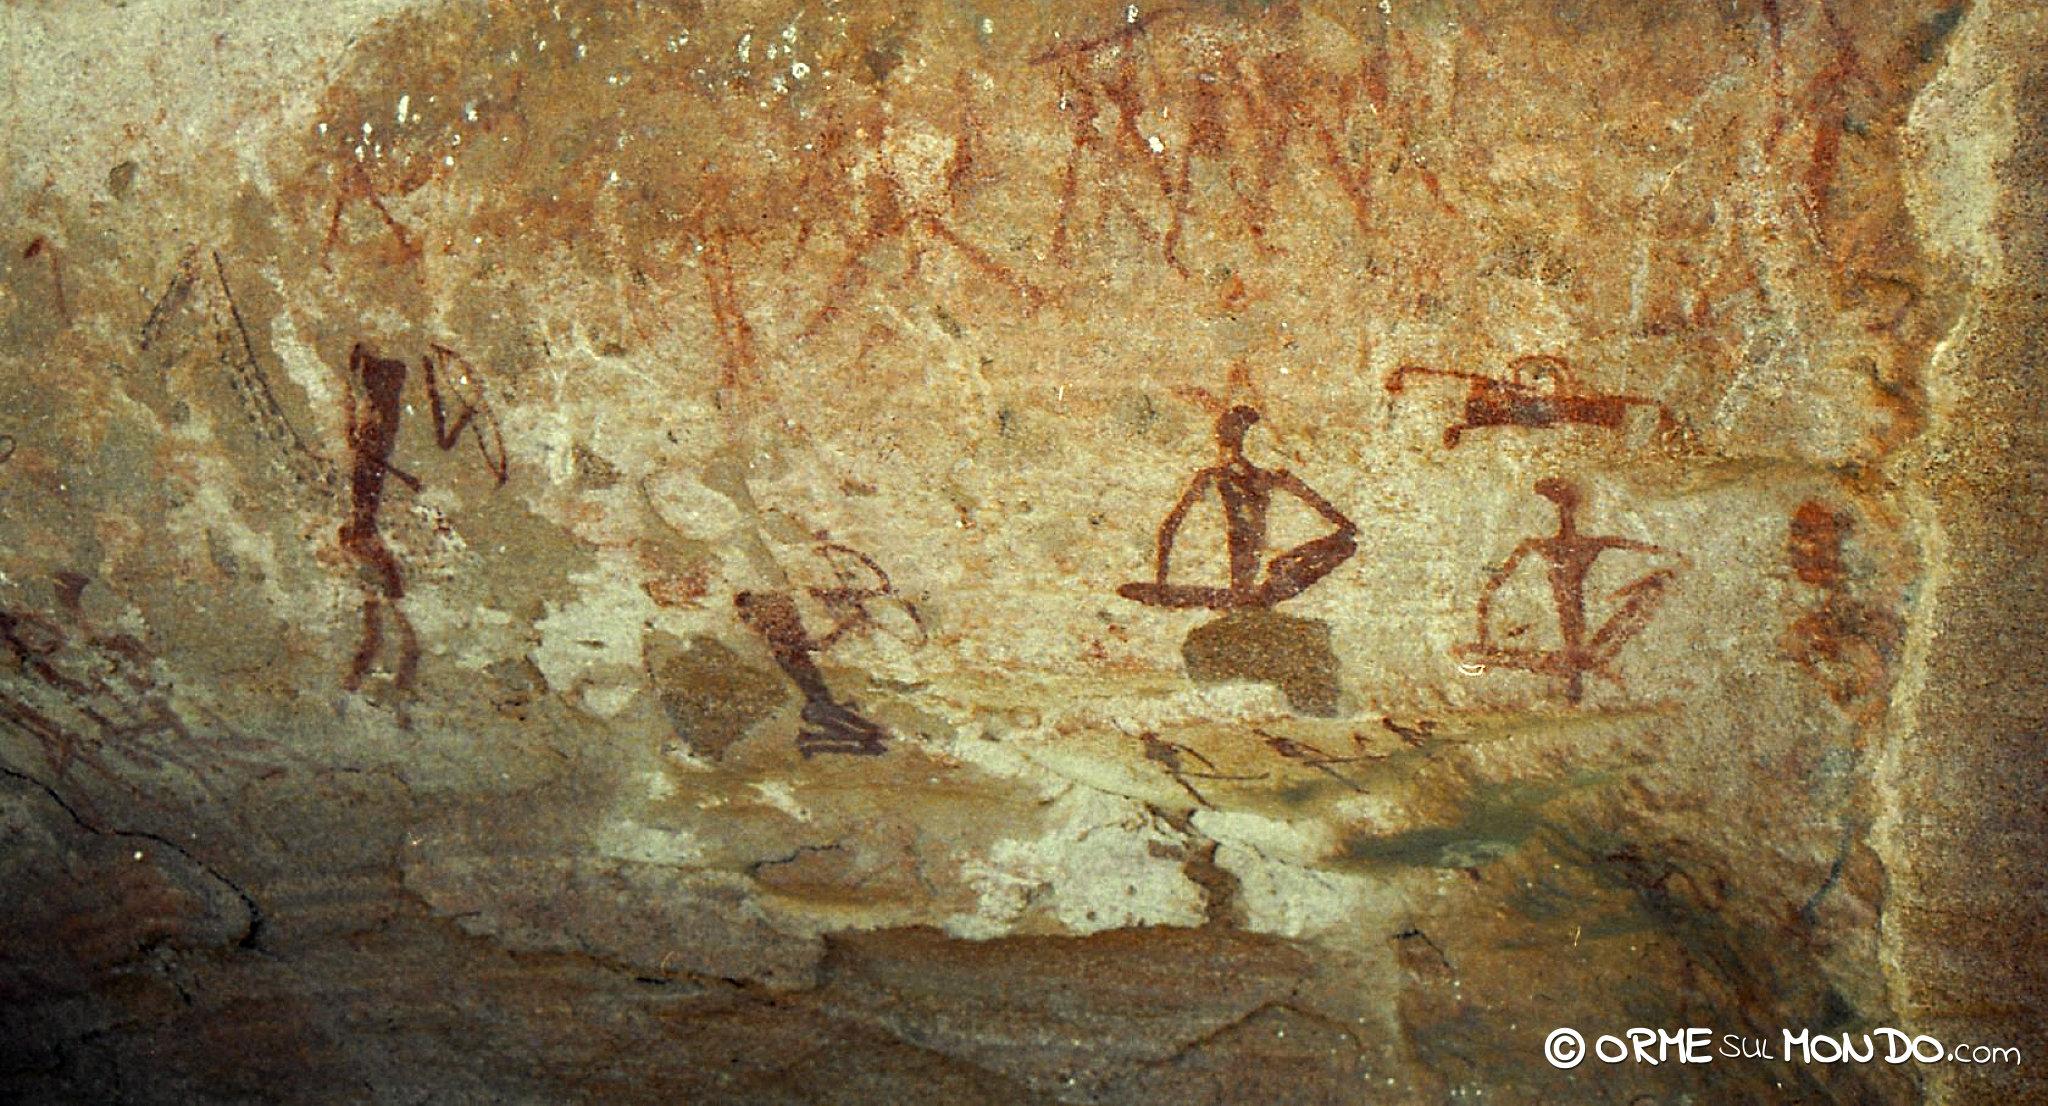 Pitture rupestri alle Tsodilo Hills raffiguranti esseri umani